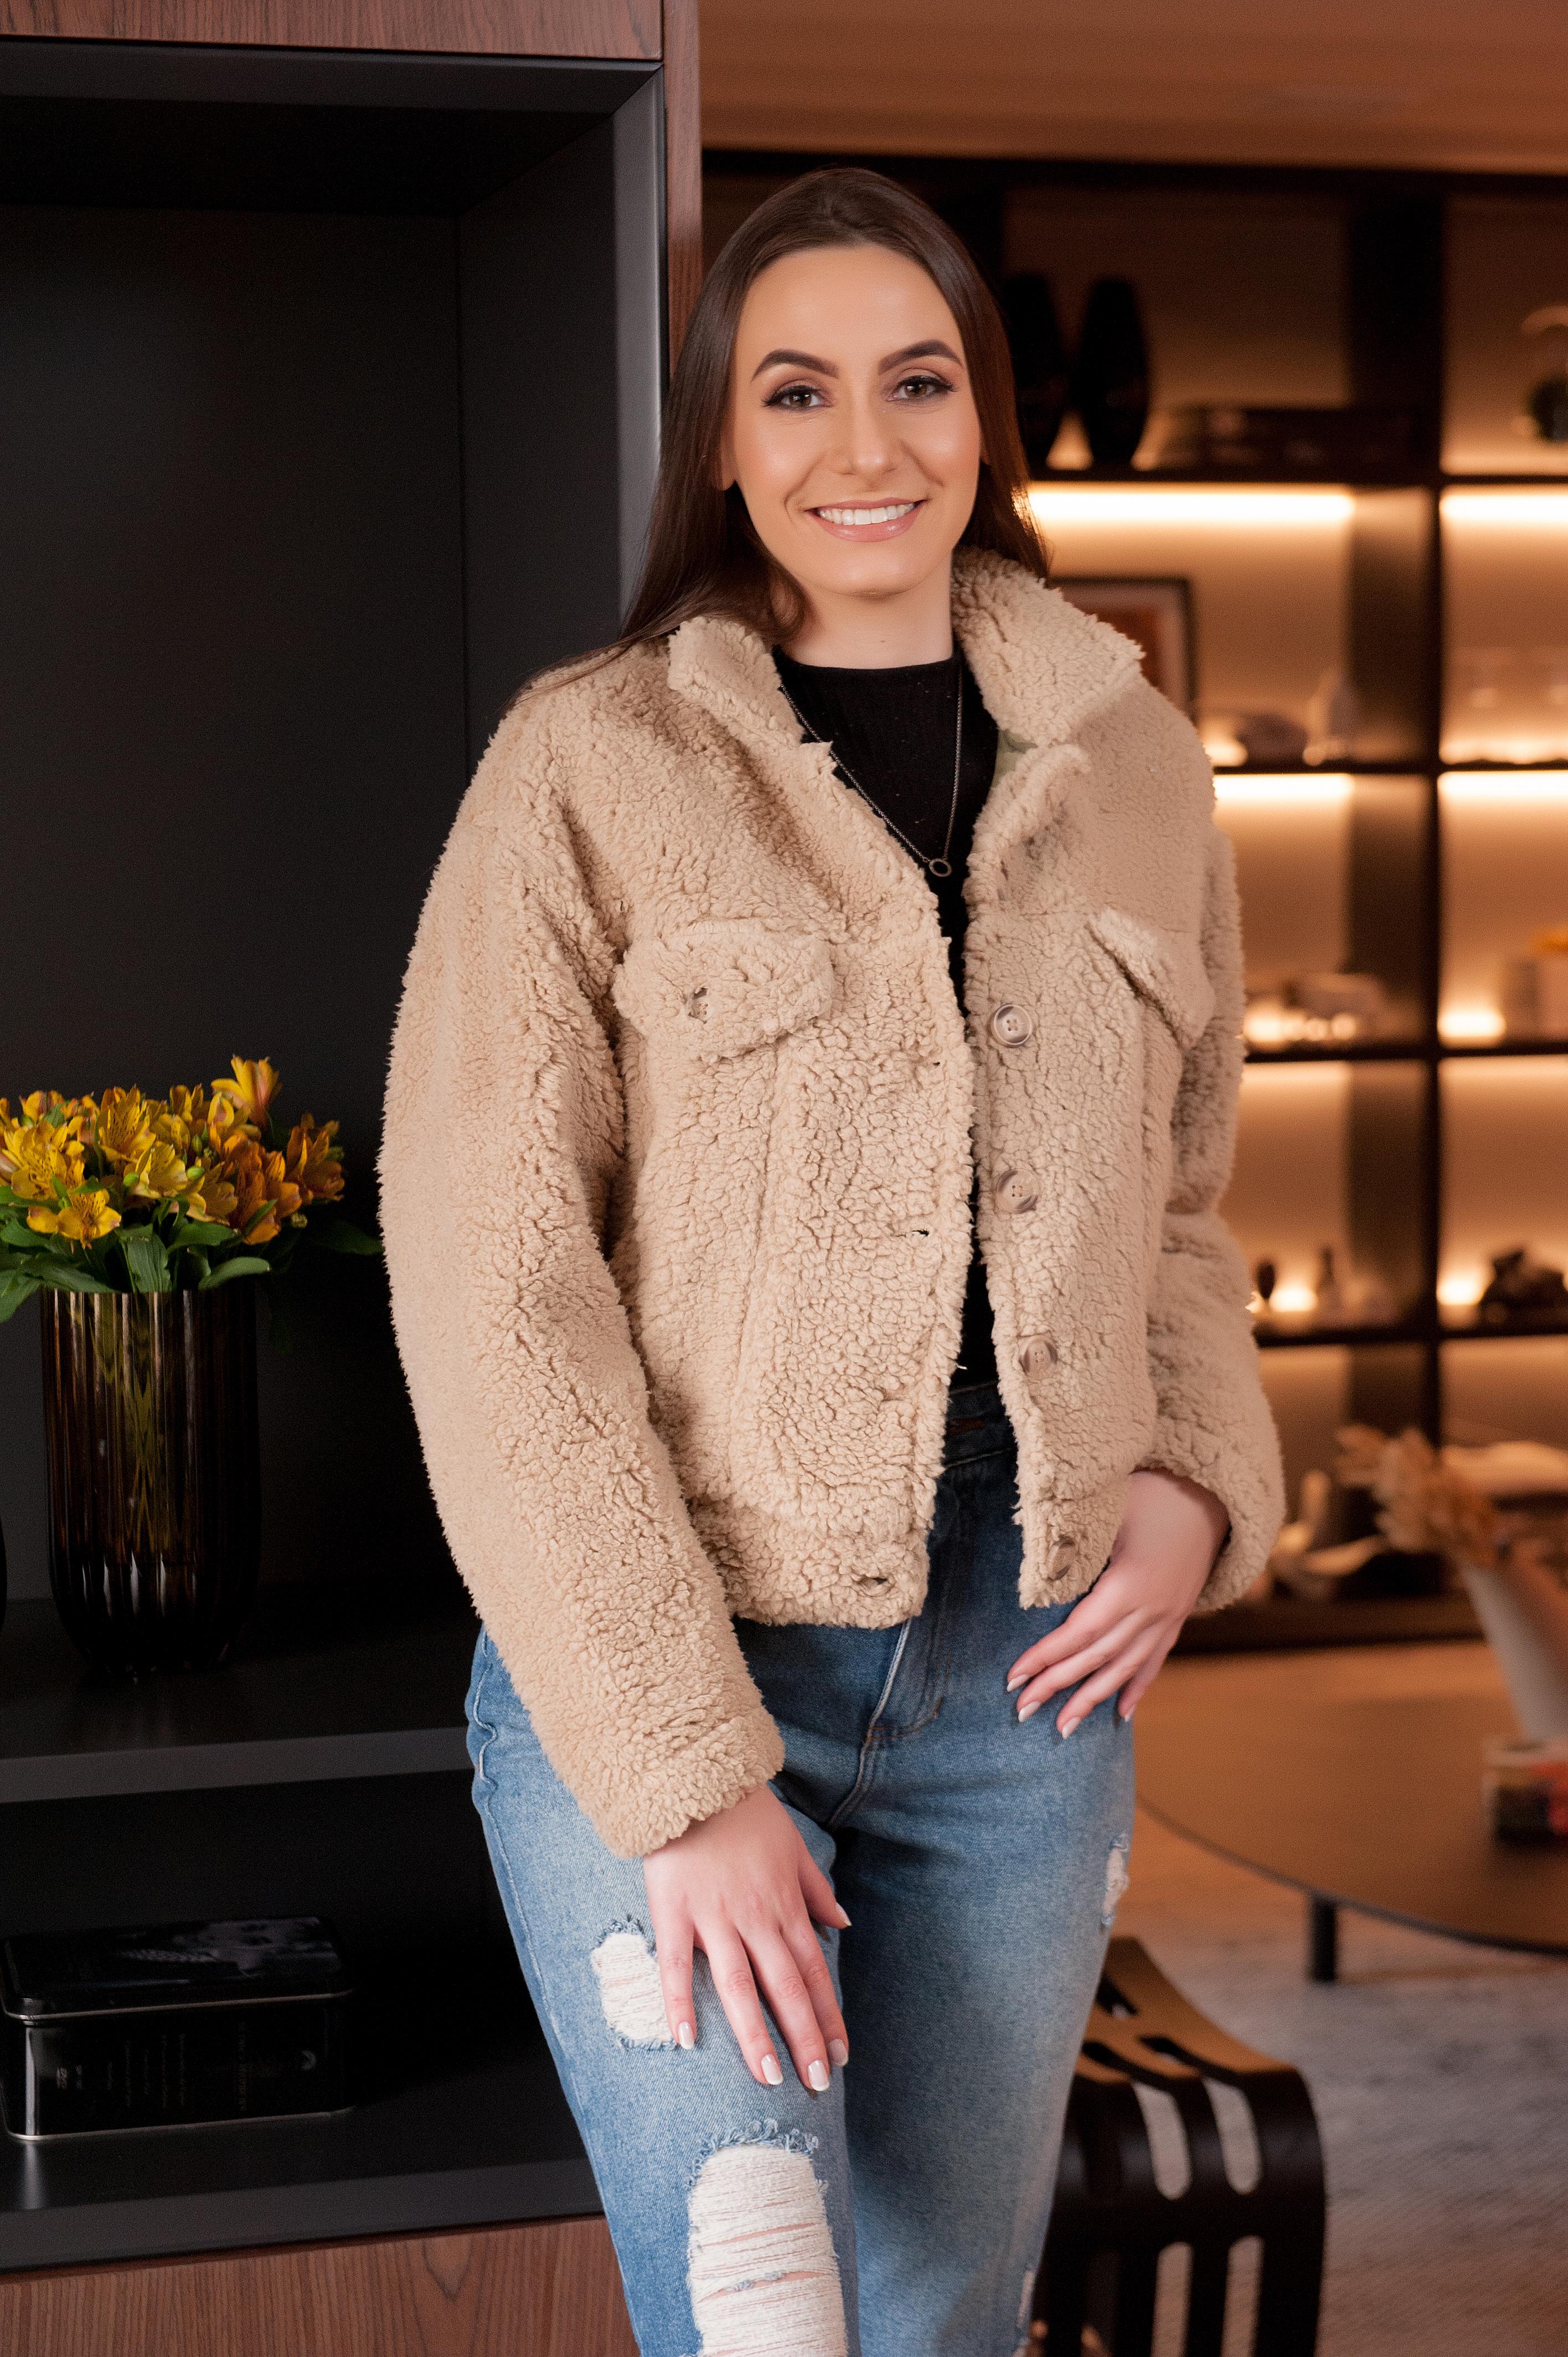 A modelo está usando uma blusa preta, um casaco de pelo bege e calça jeans azul.